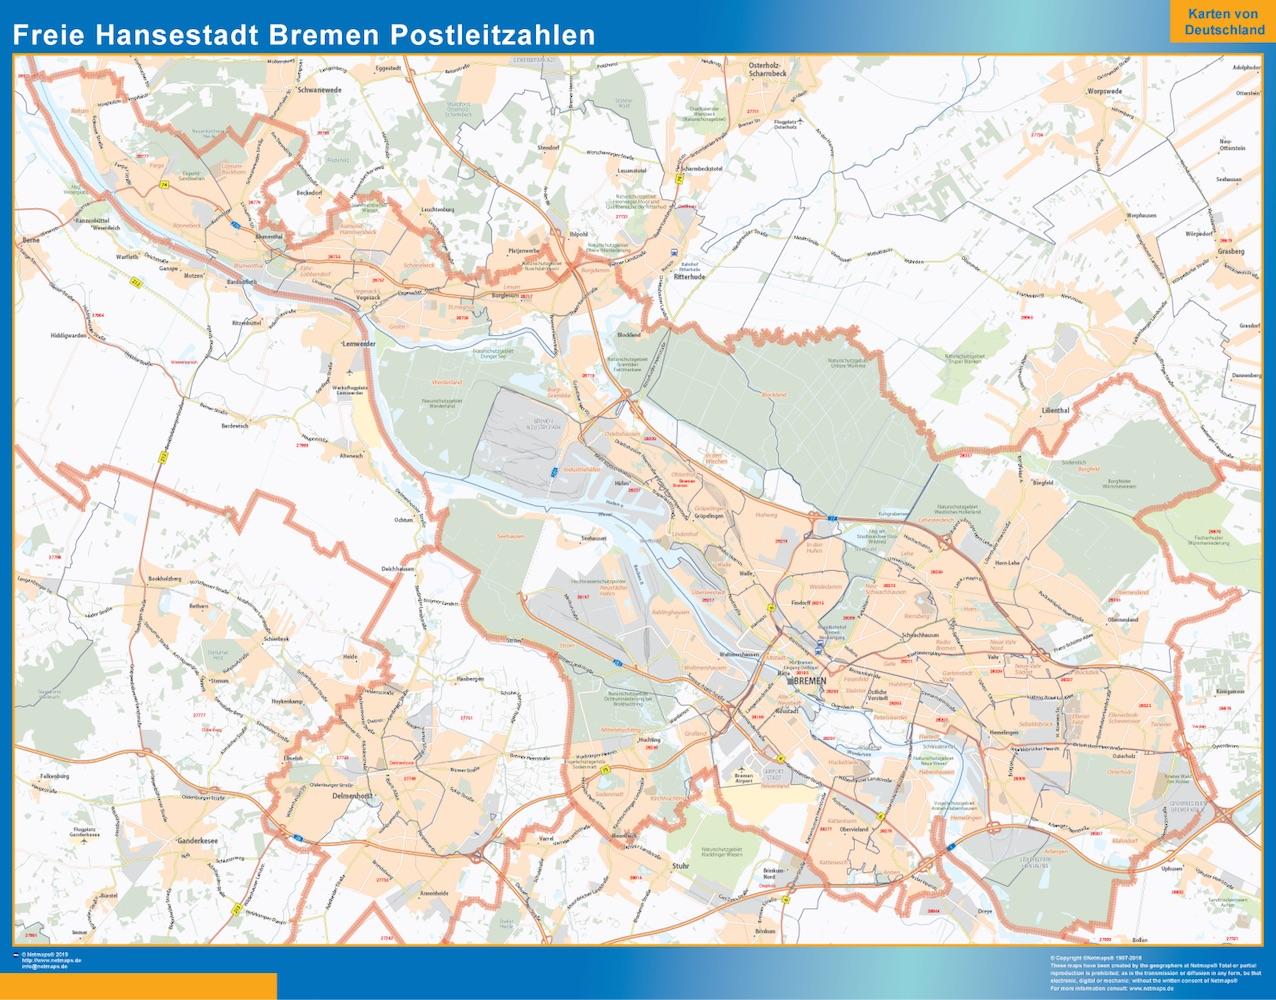 Freie Hansestadt Bremen Postleitzahlen